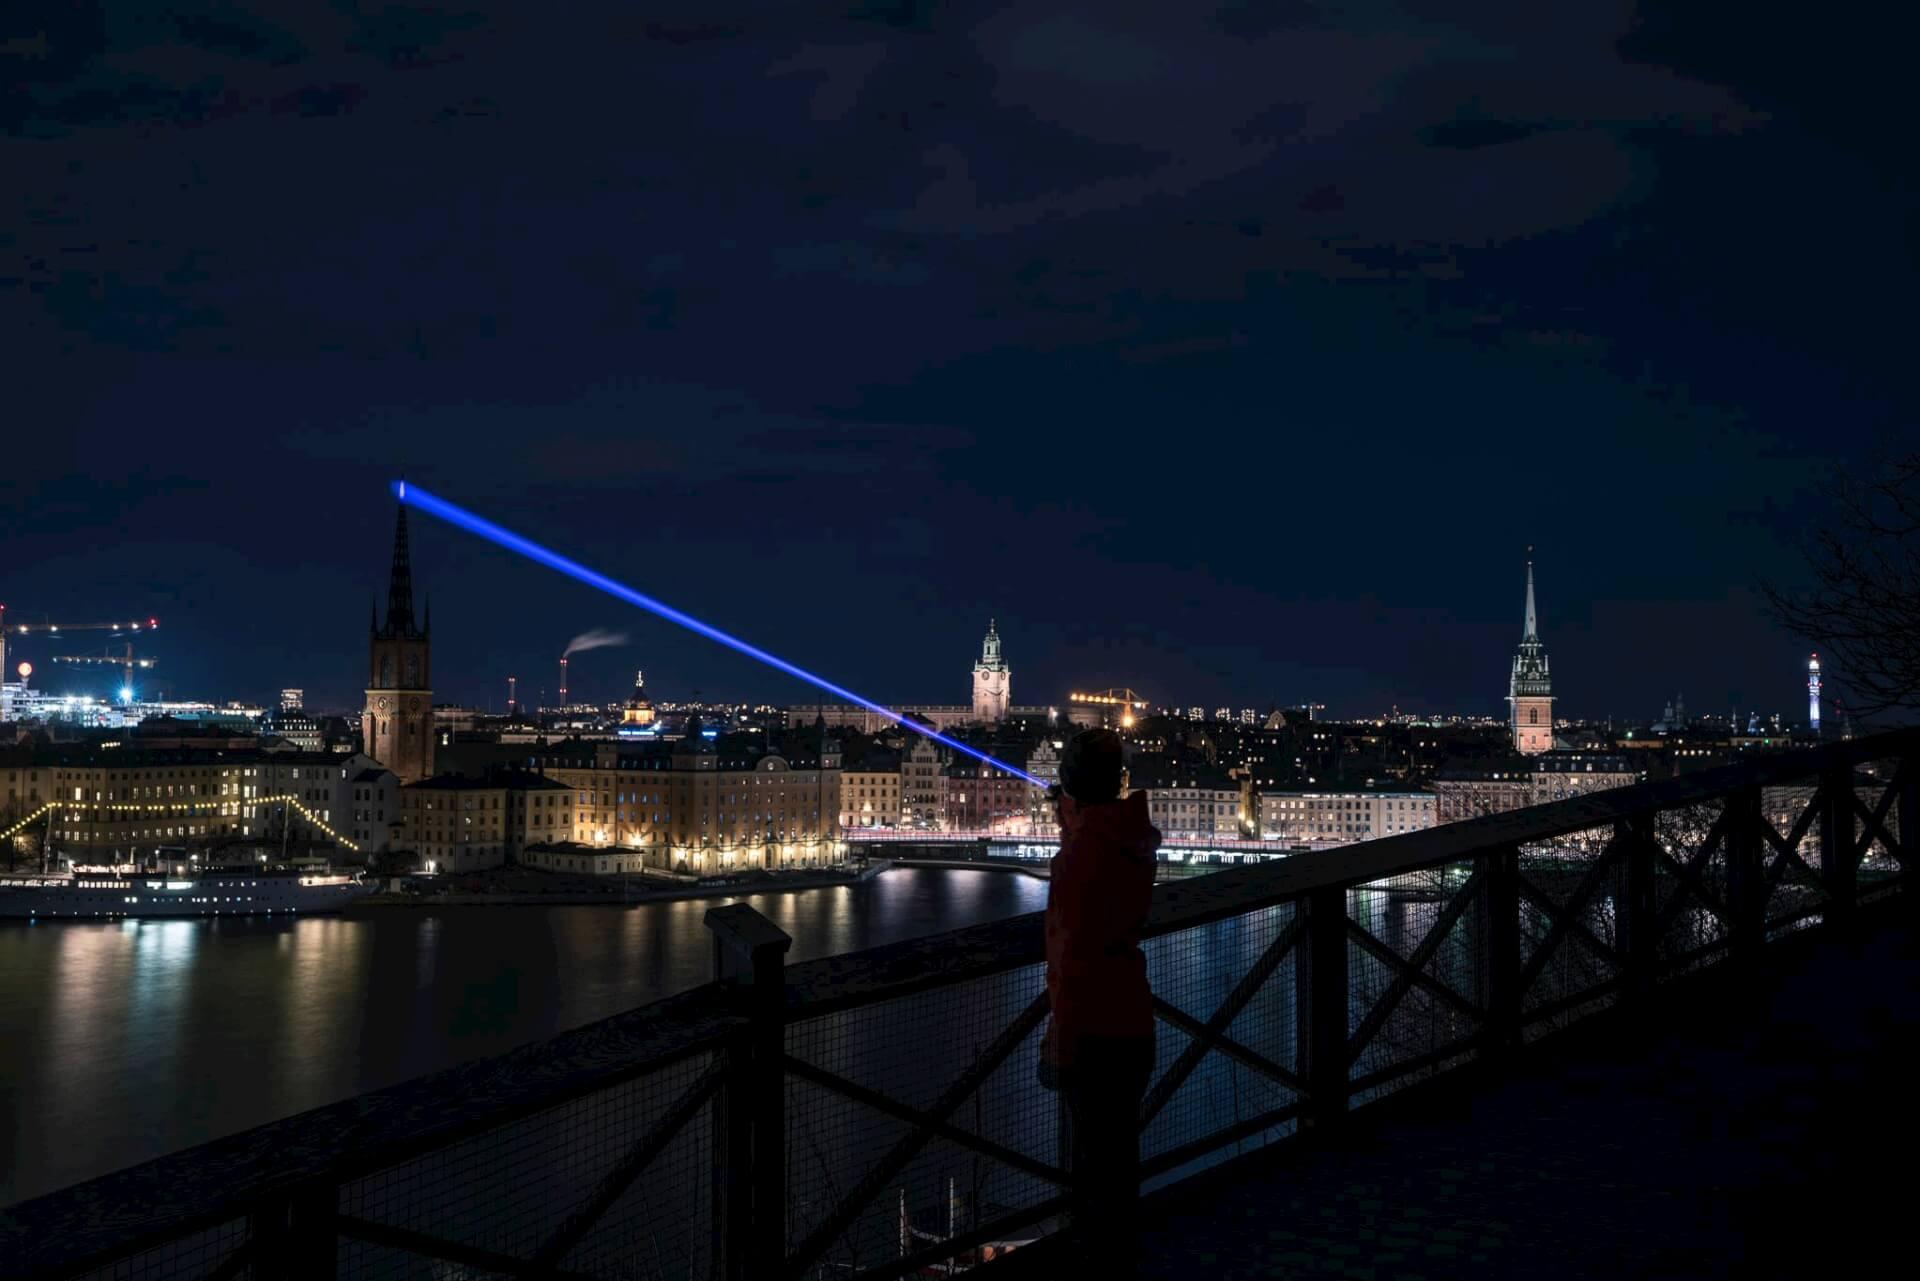 Nattfoto i Stockholm